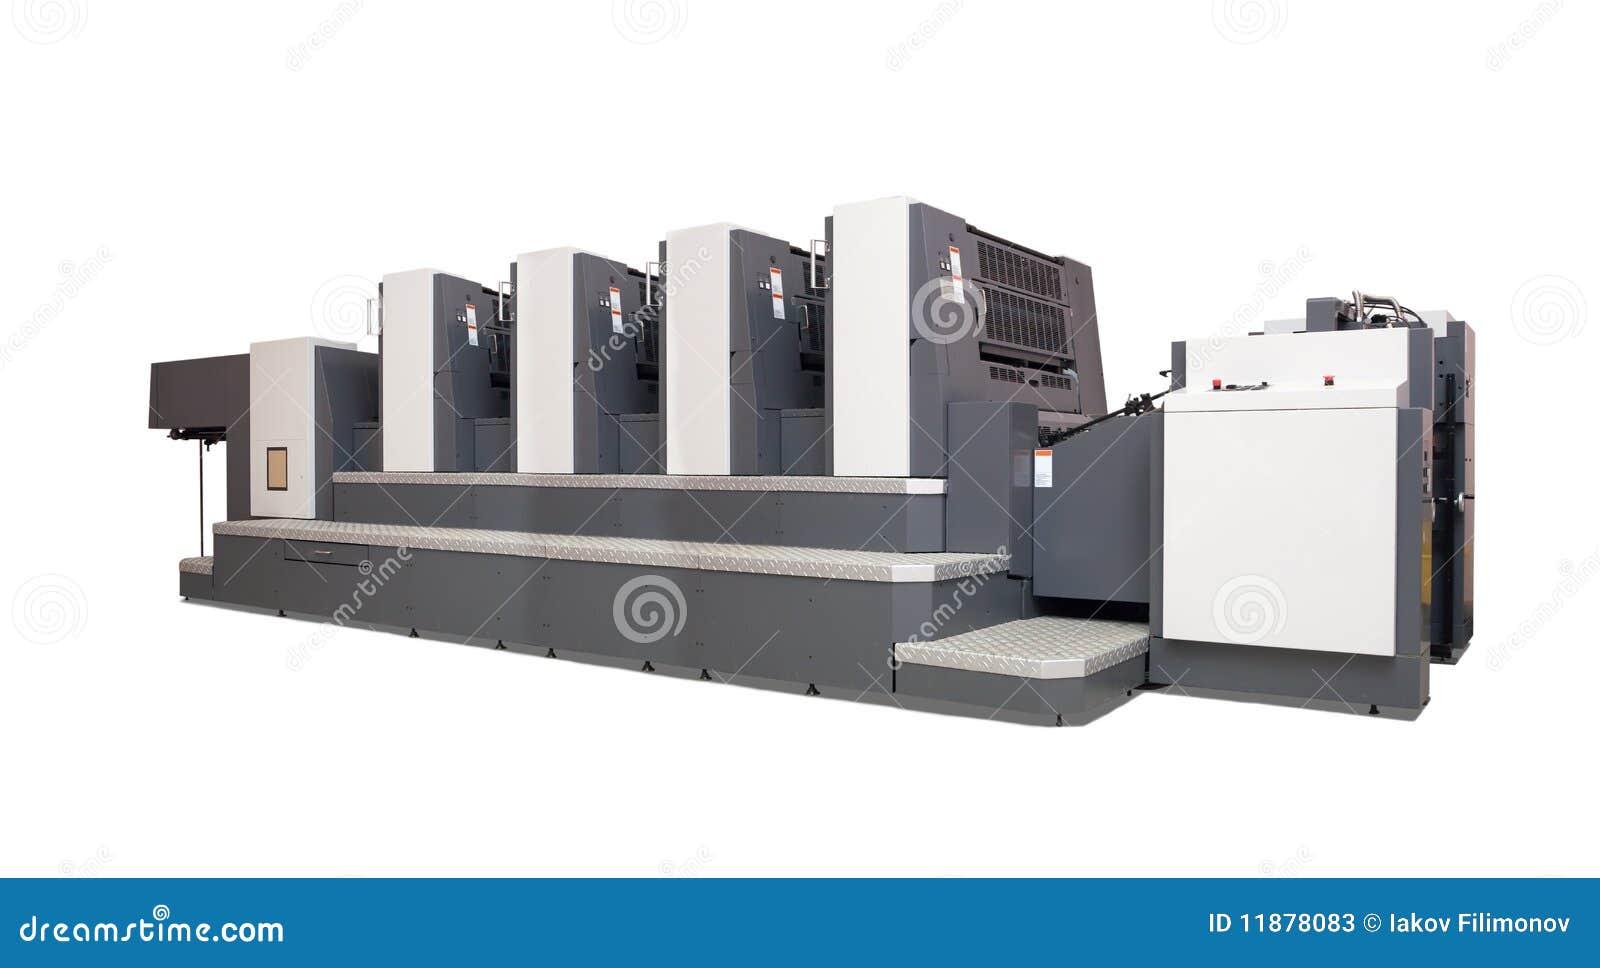 Cztery nad sekcja drukowanym biel maszynowa odsadzka